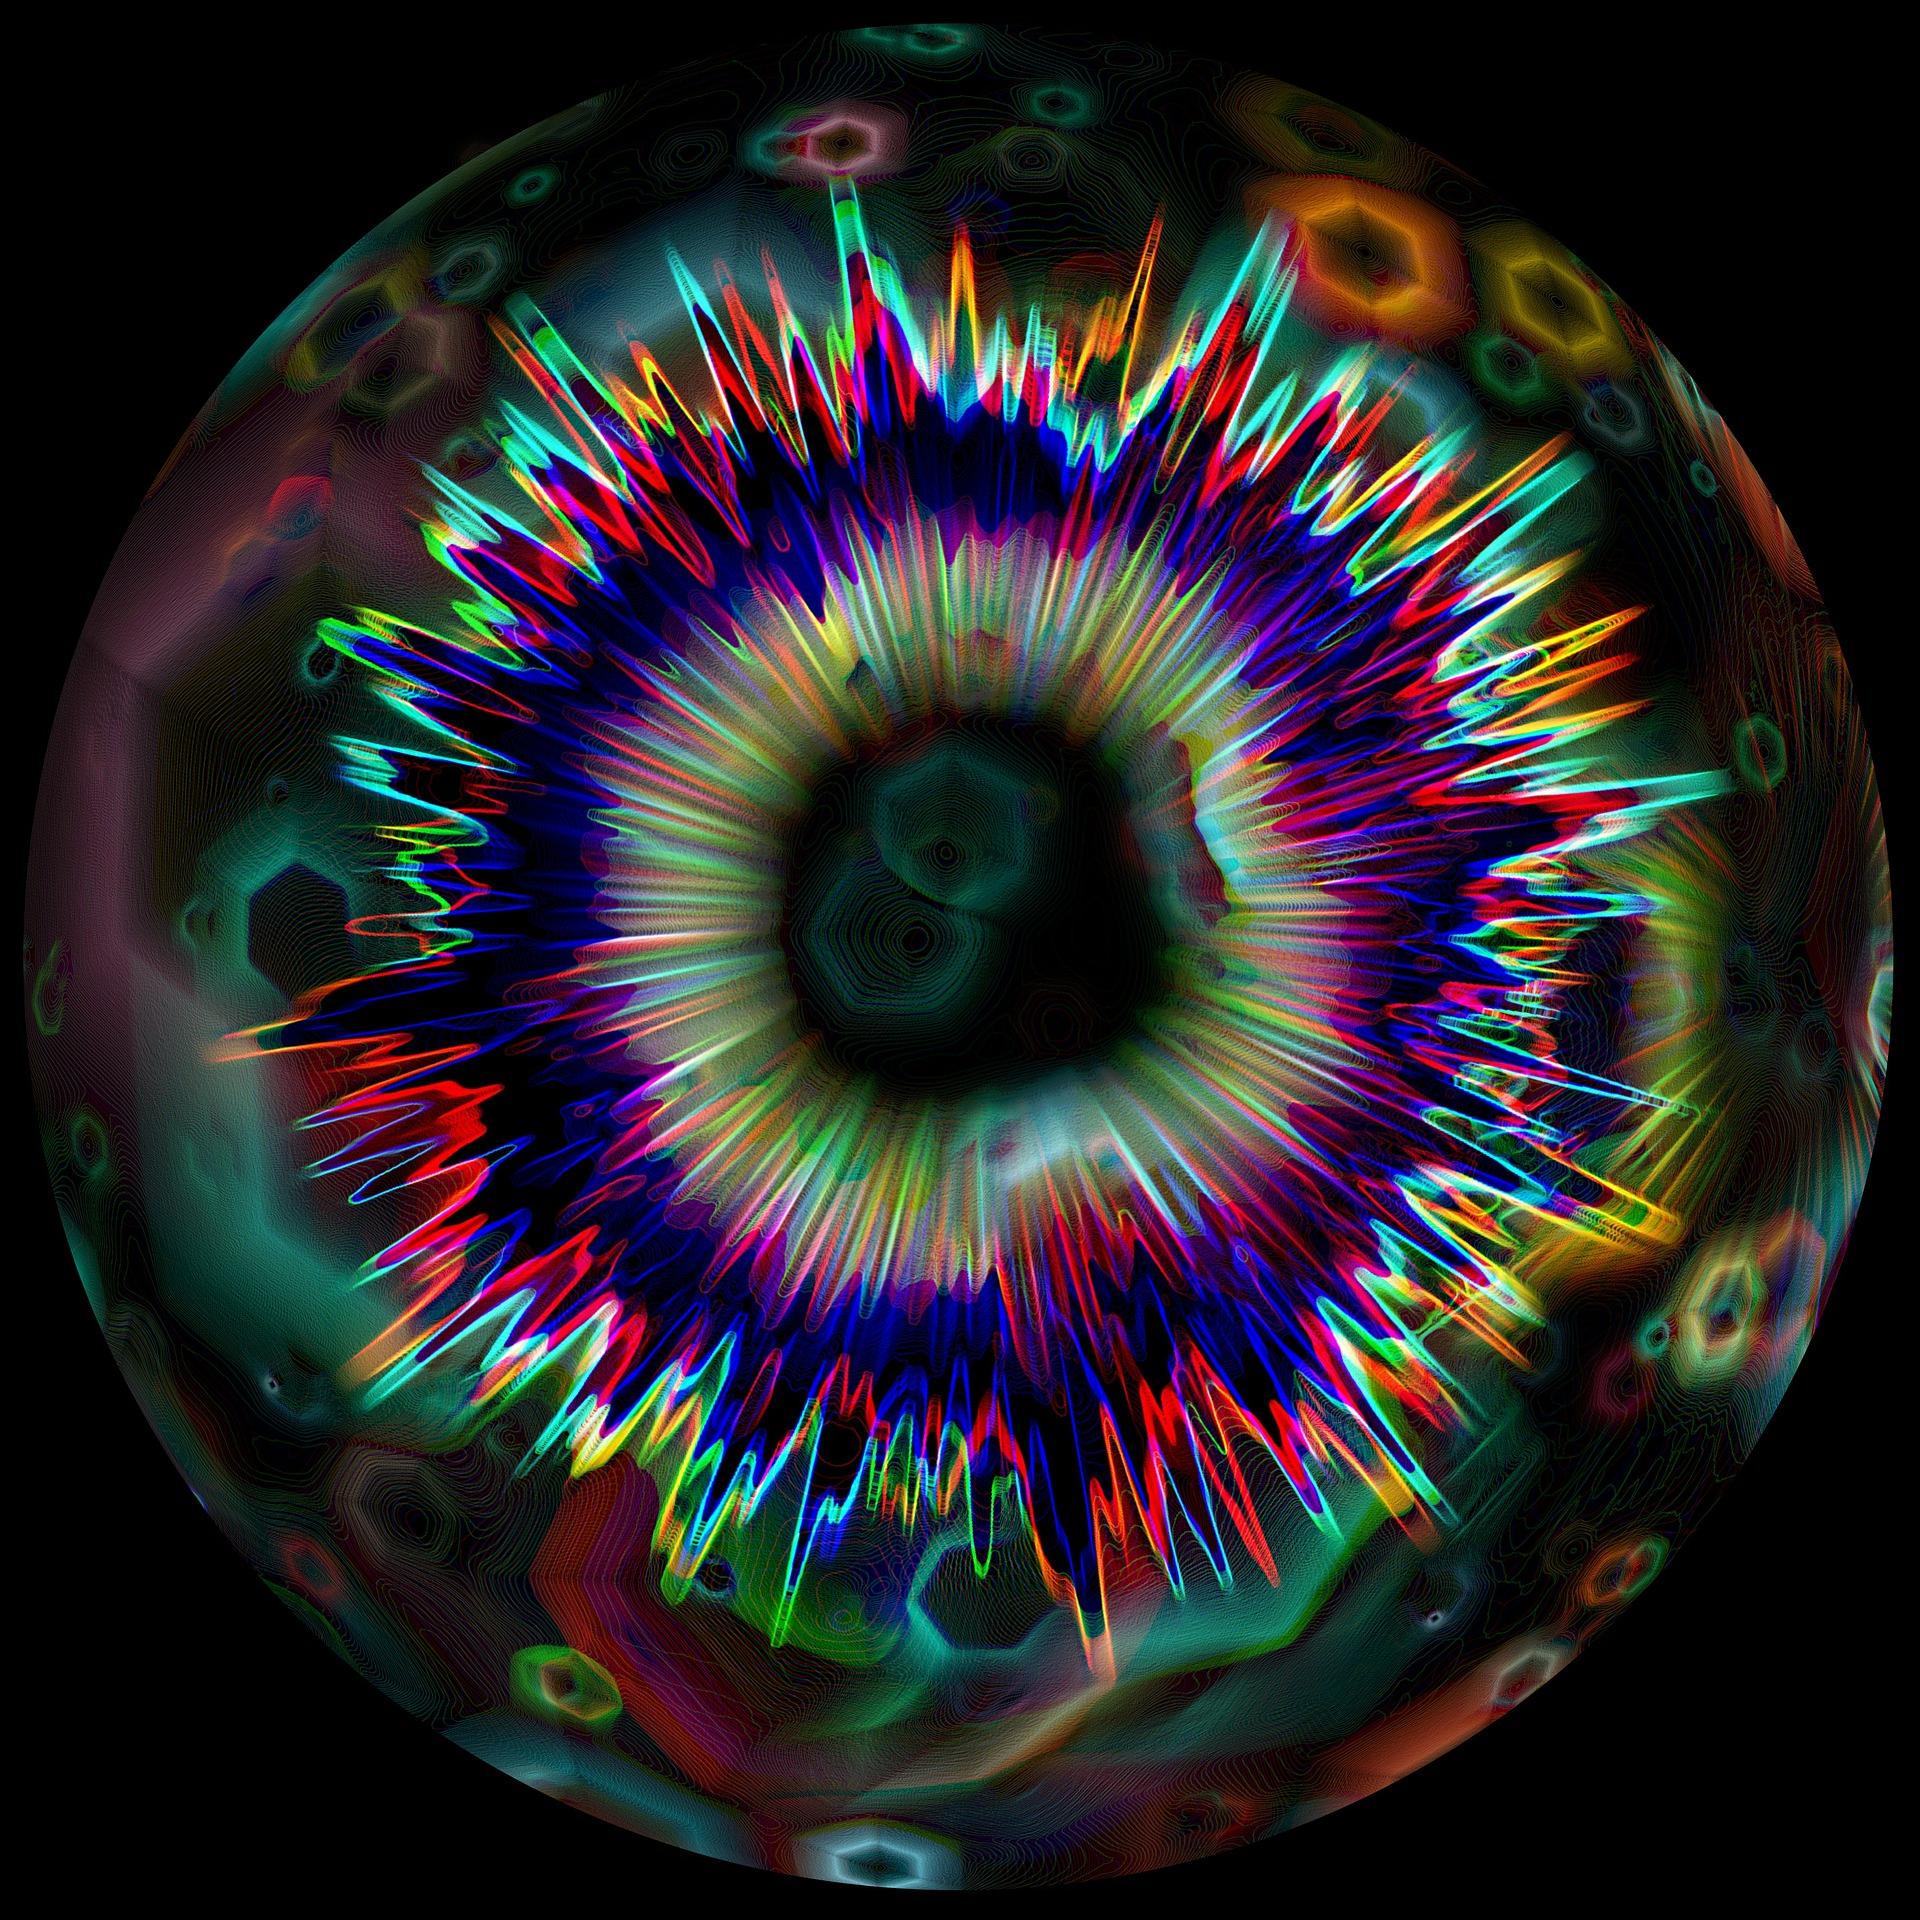 Mouvements des atomes pour illustrer le discours de Maur Evans dans L'éveil du Dieu Serpent